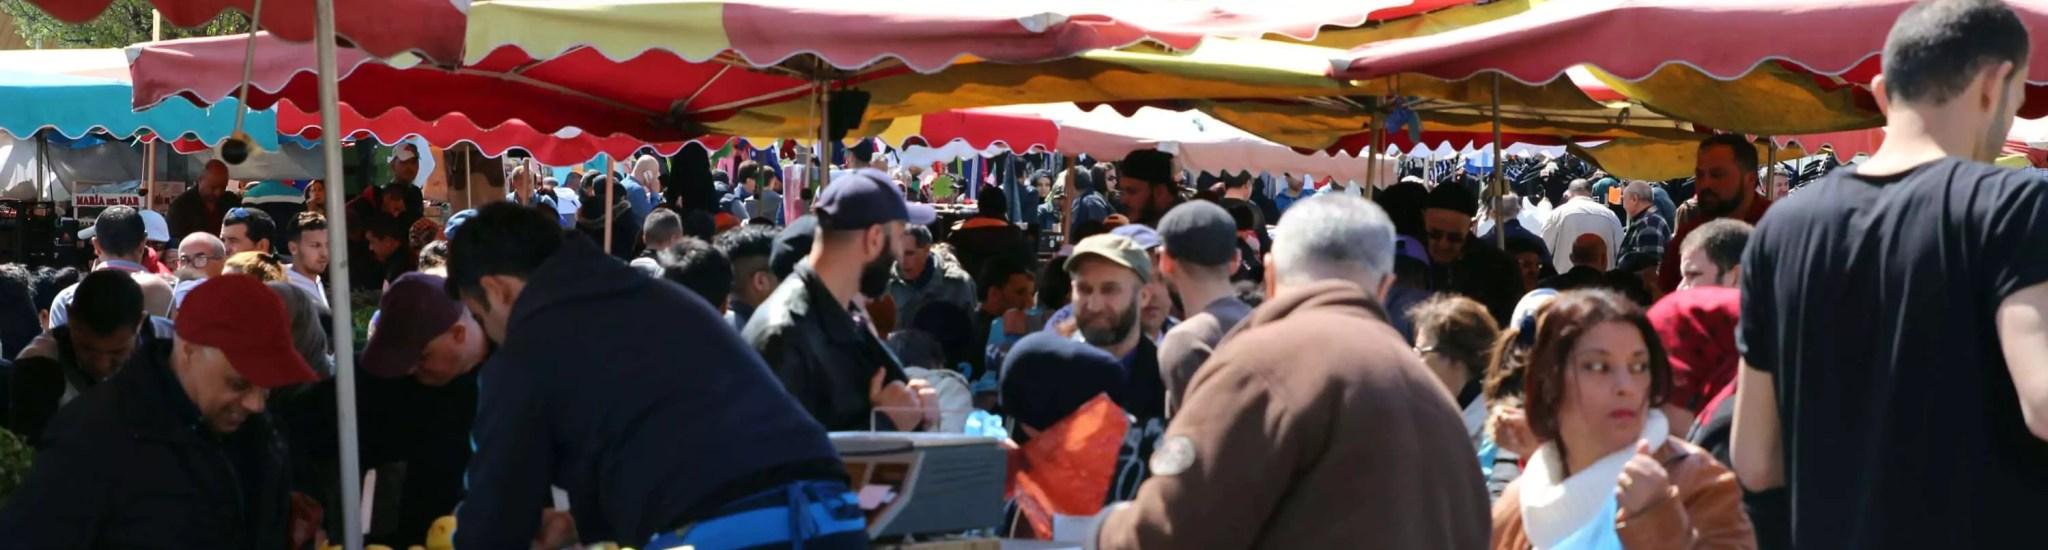 Au marché de Hautepierre, le prix des légumes s'adapte aux budgets